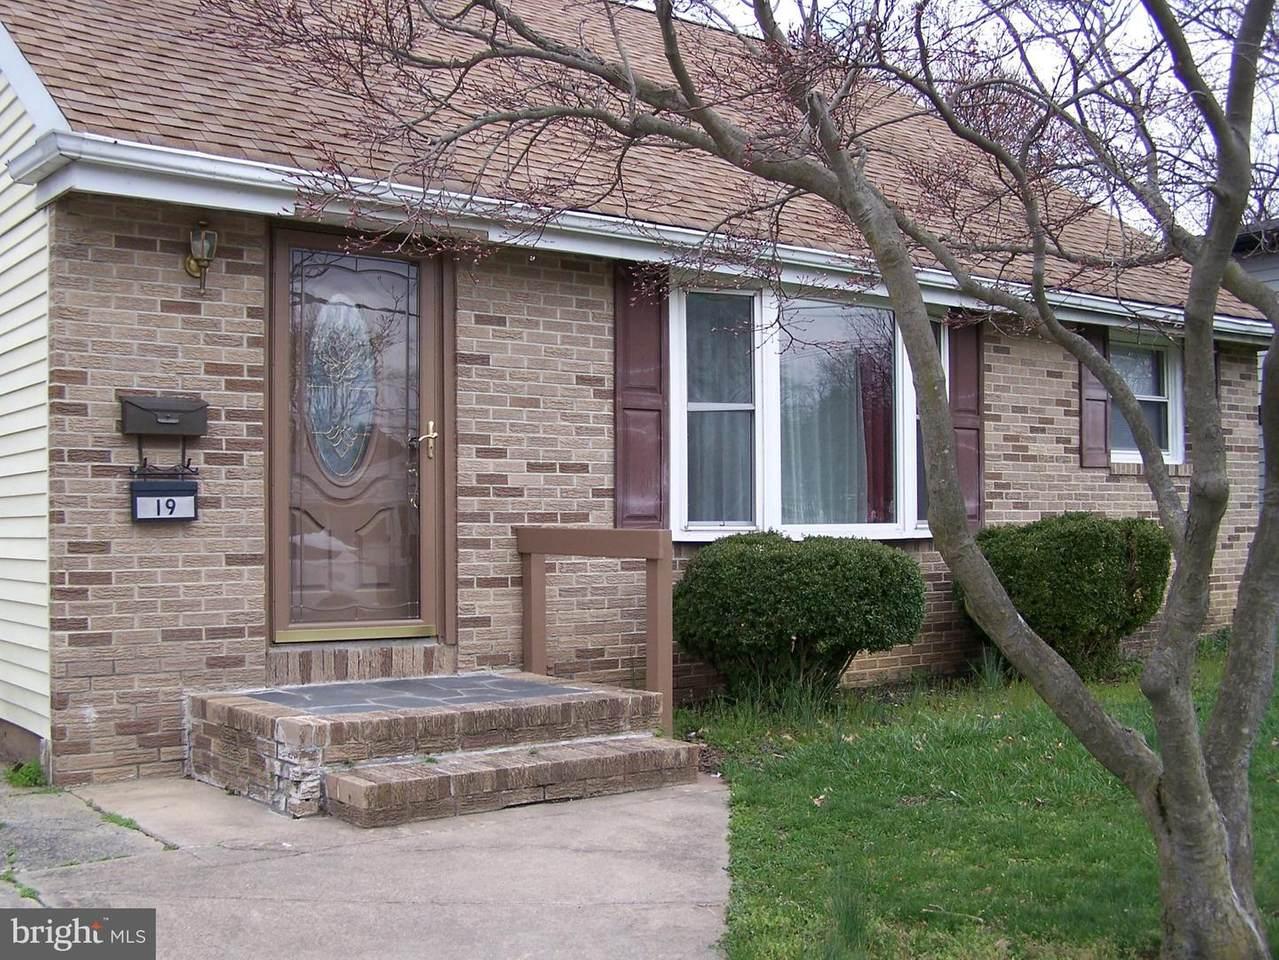 19 Birch Avenue - Photo 1